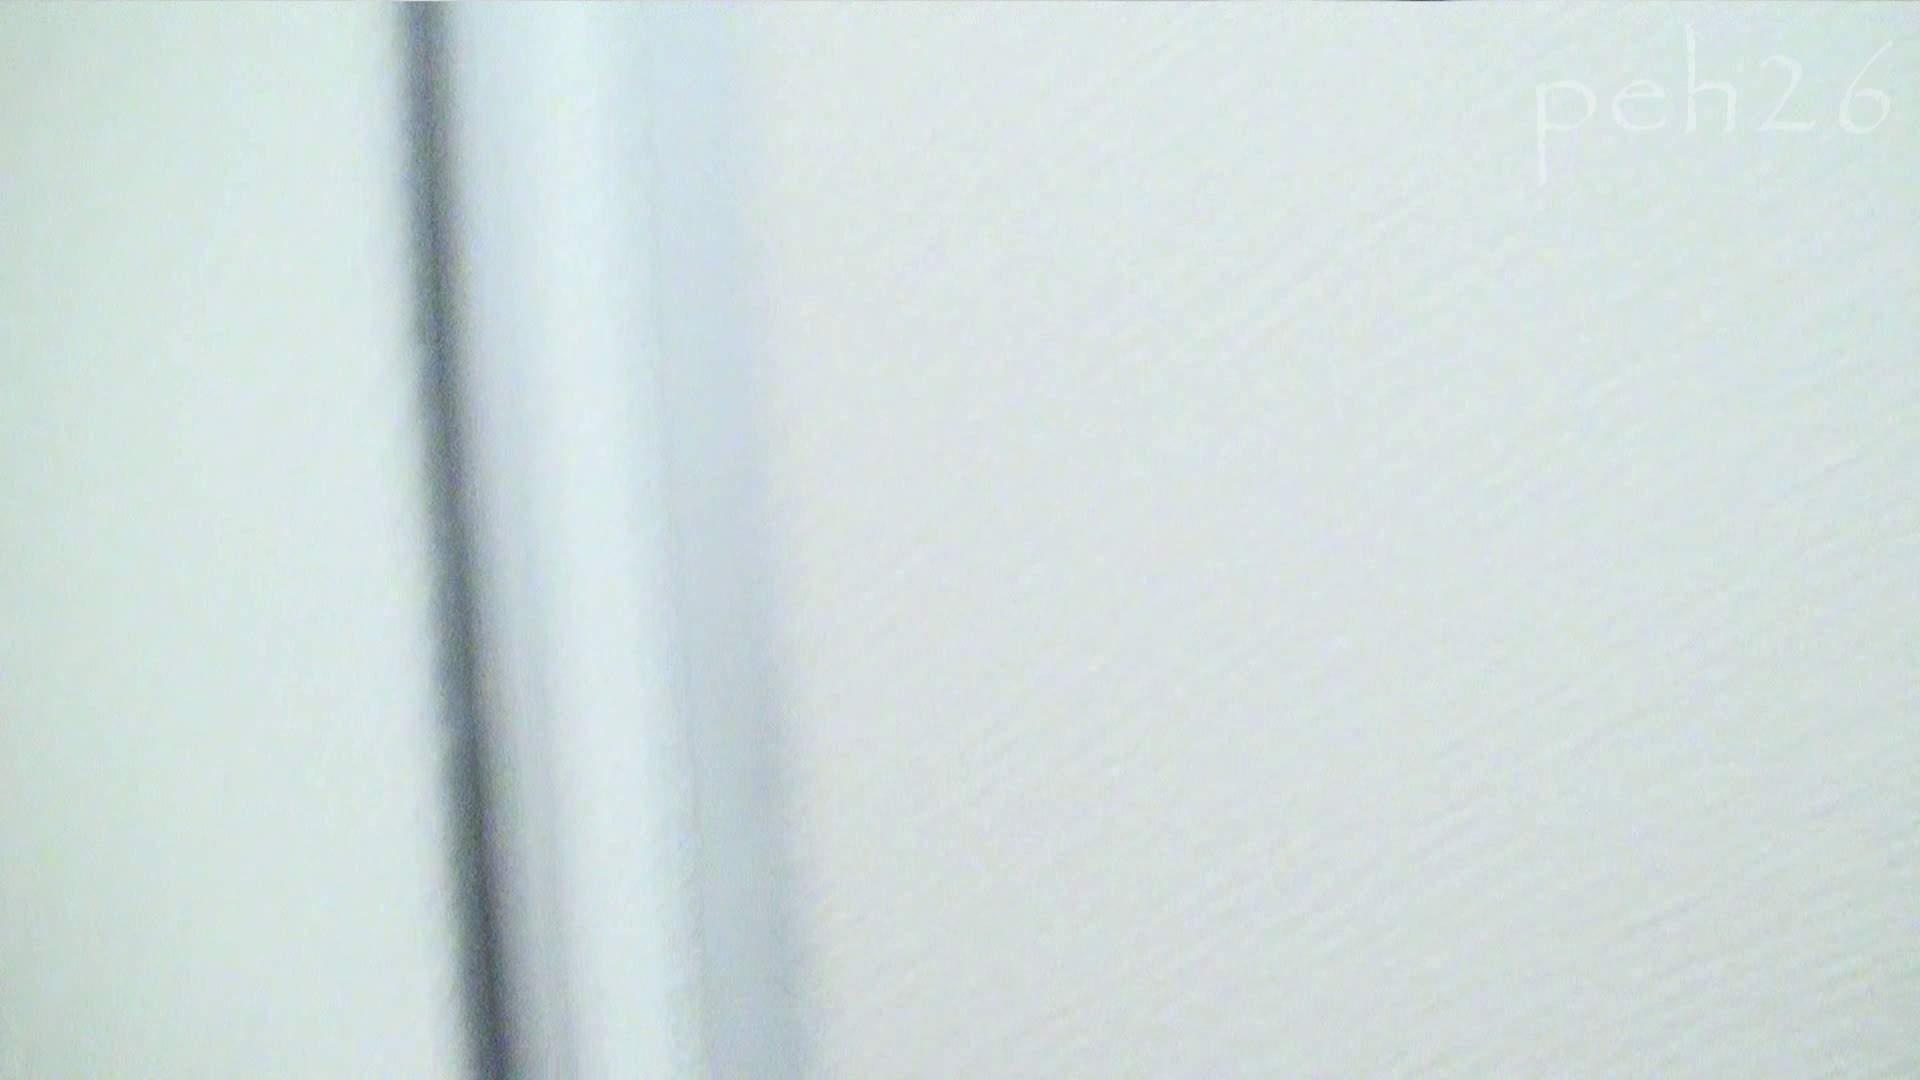 無料アダルト動画:※100個限定販売 至高下半身盗撮 プレミアム Vol.26 ハイビジョン:怪盗ジョーカー